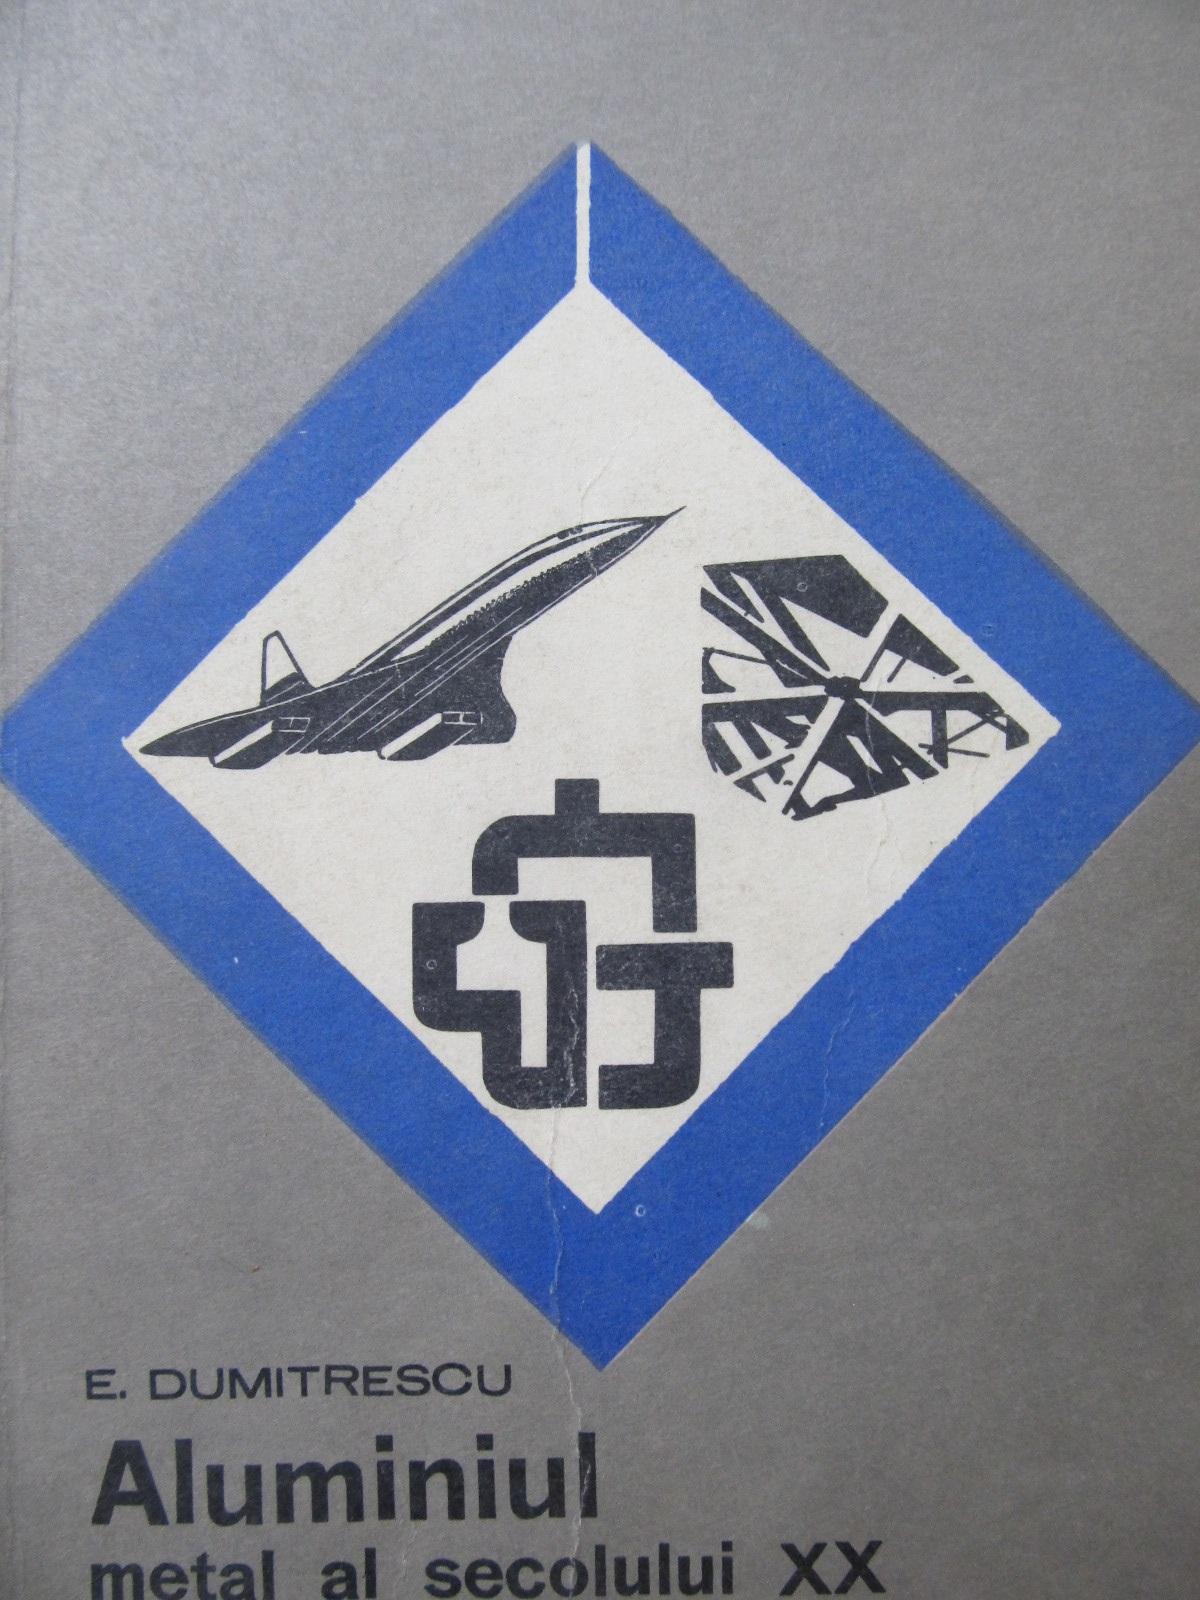 Aluminiul metal al secolului XX - E. Dumitrescu | Detalii carte